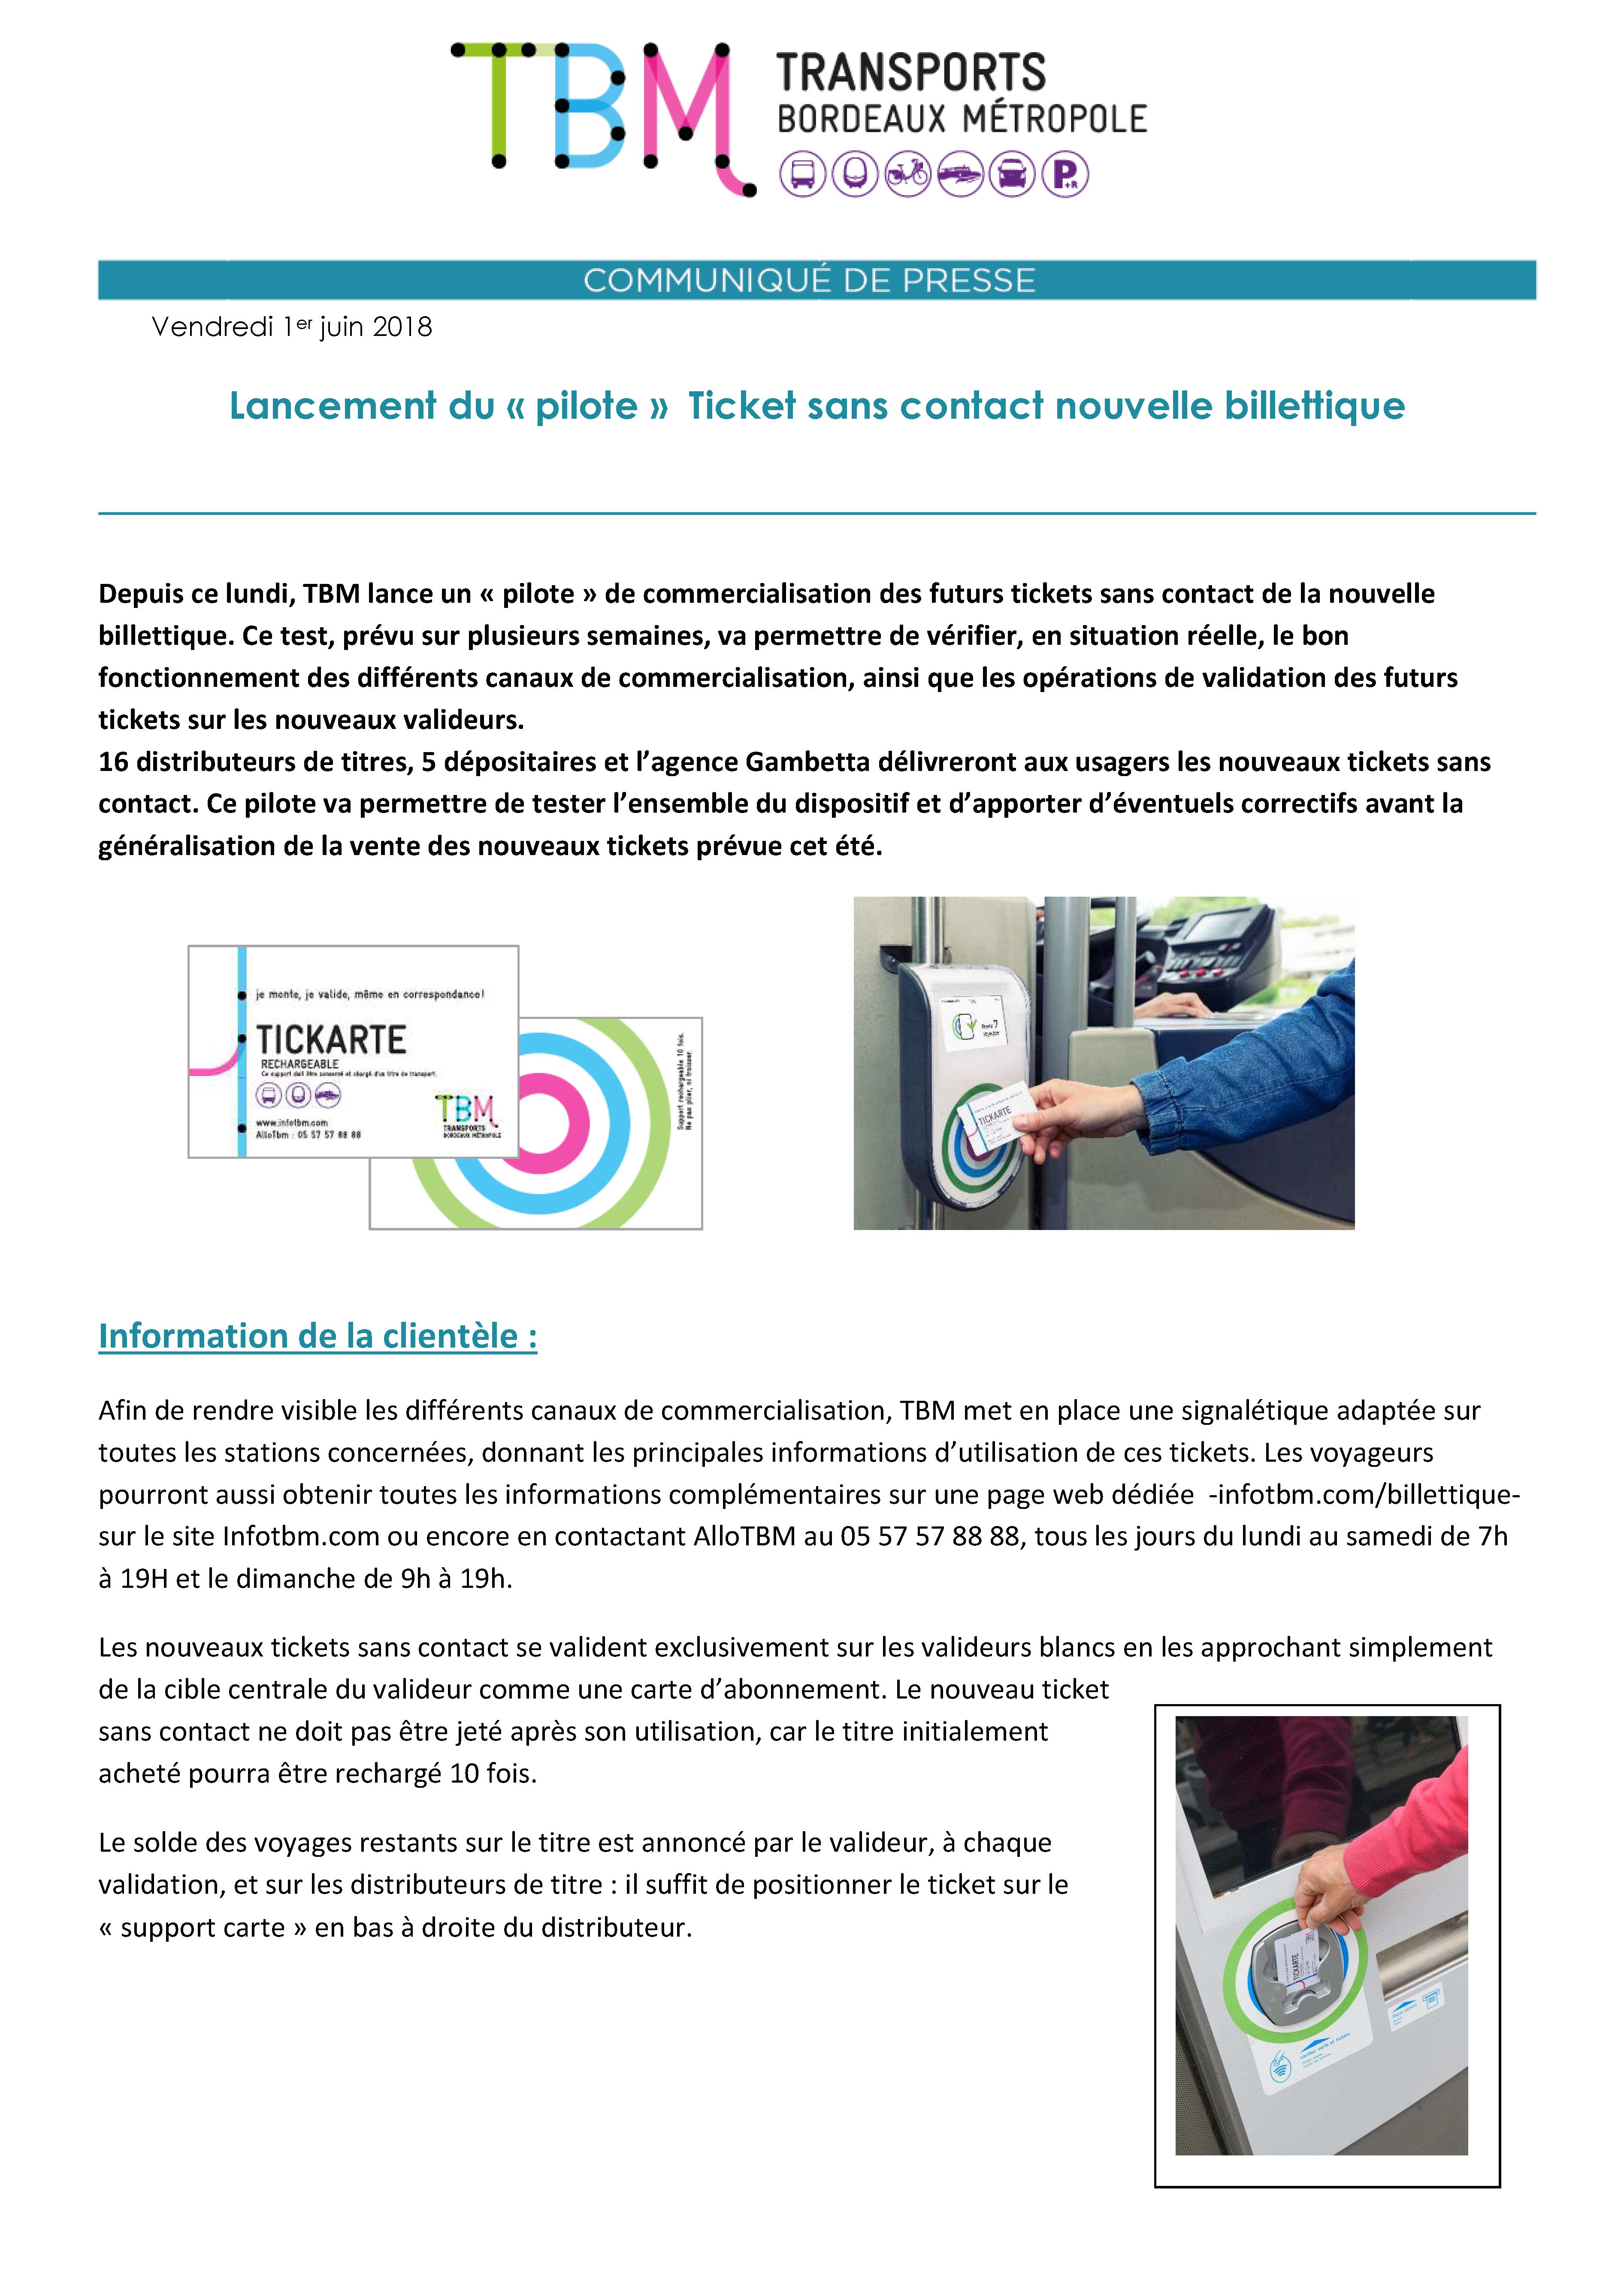 Carte Tbm Bordeaux.Lancement Du Pilote Ticket Sans Contact Nouvelle Billettique